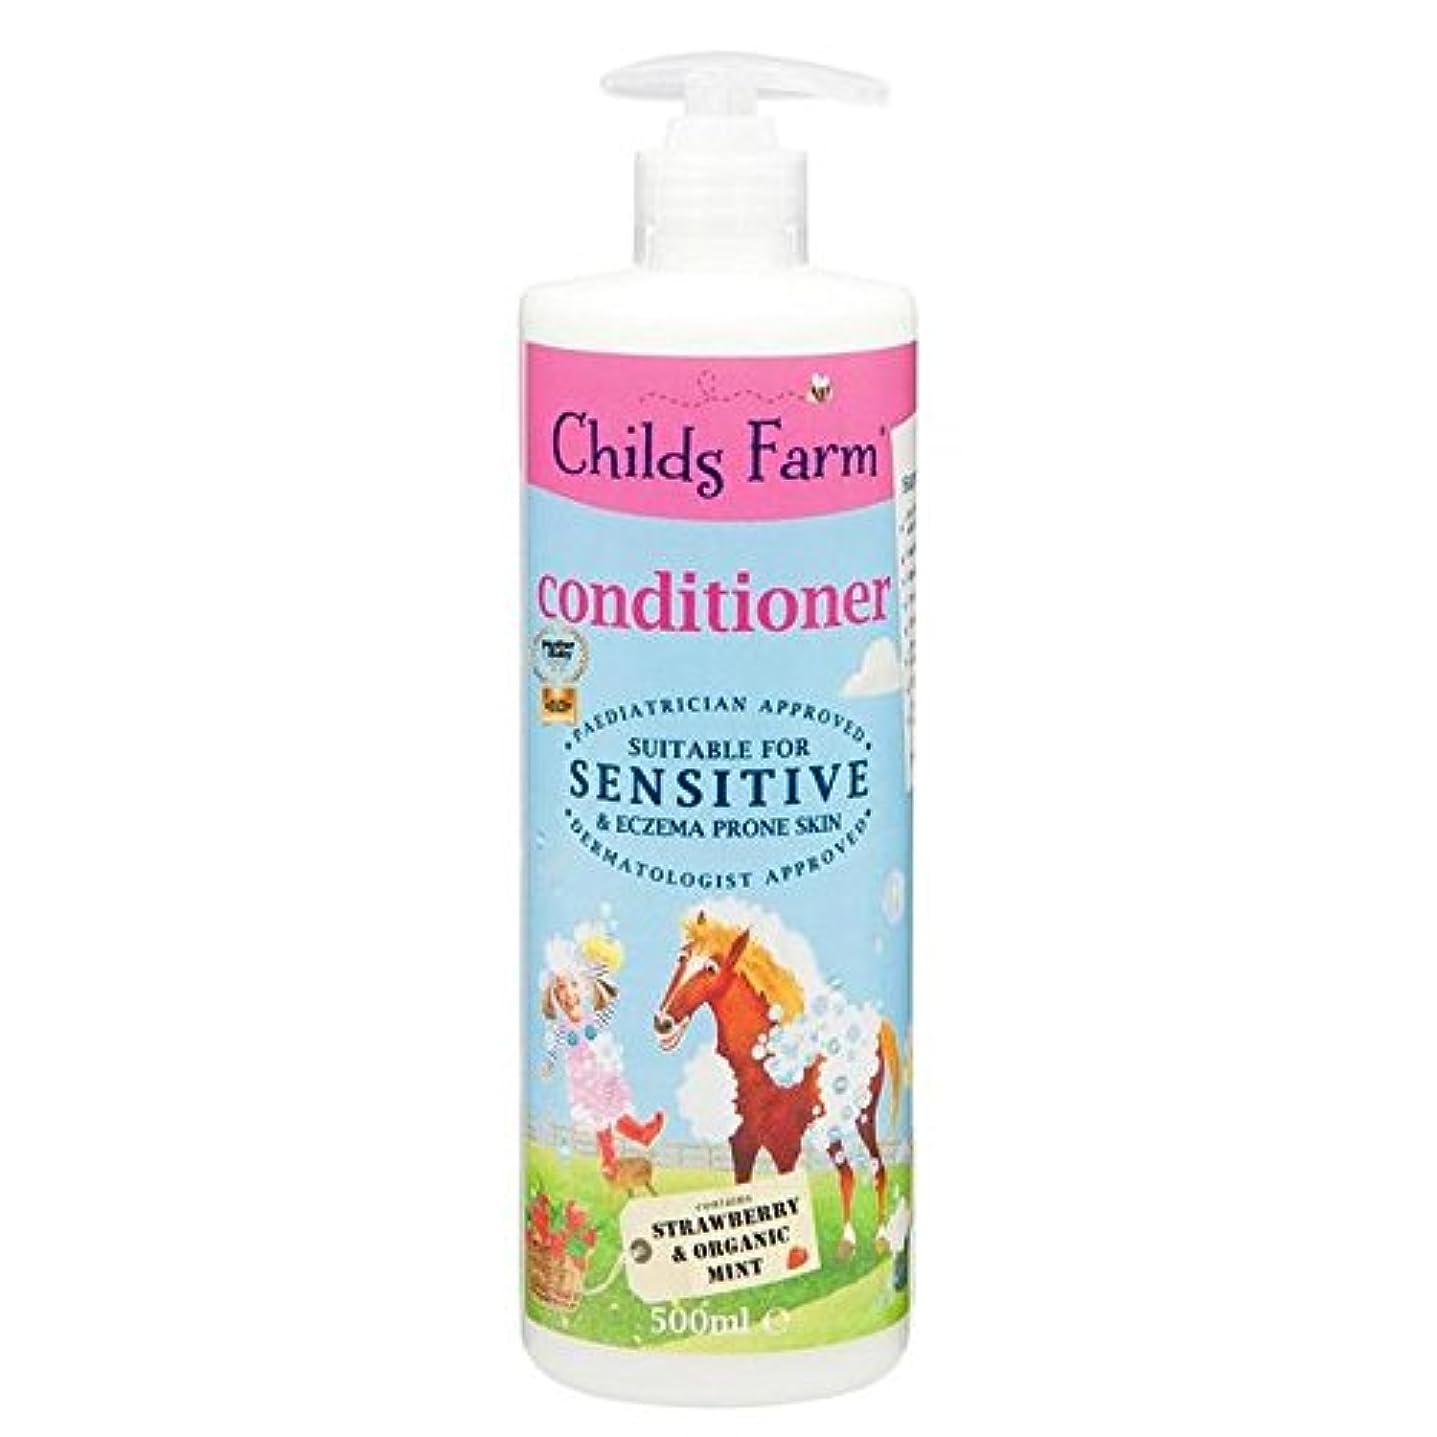 移行地平線地区Childs Farm Conditioner for Unruly Hair 500ml - 手に負えない髪の500ミリリットルのためのチャイルズファームコンディショナー [並行輸入品]